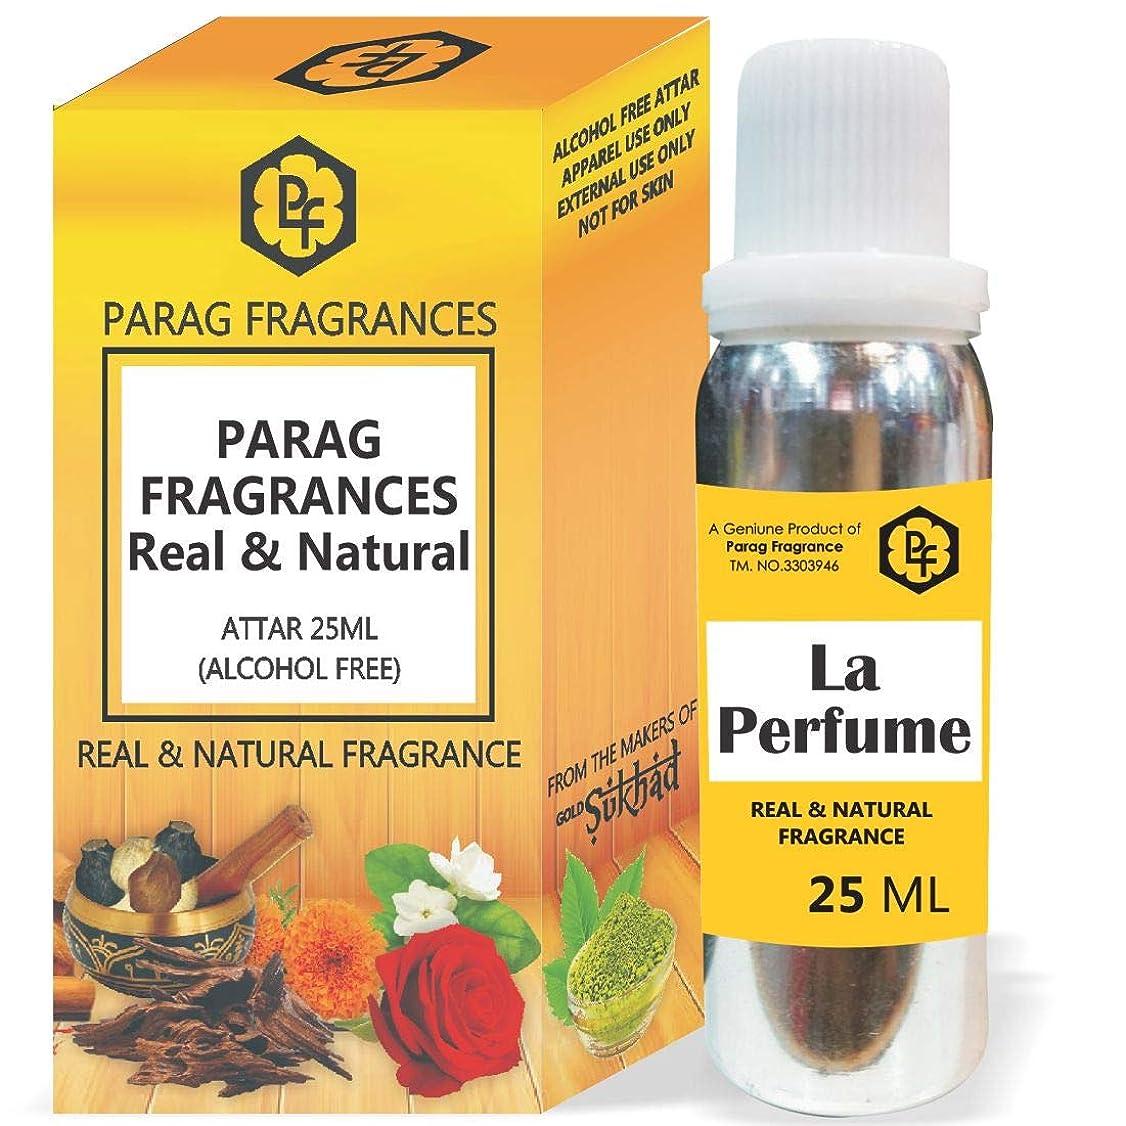 読むフロー関与する50/100/200/500パックでファンシー空き瓶(アルコールフリー、ロングラスティング、自然アター)でParagフレグランス25ミリリットルラ香水のアターも利用可能